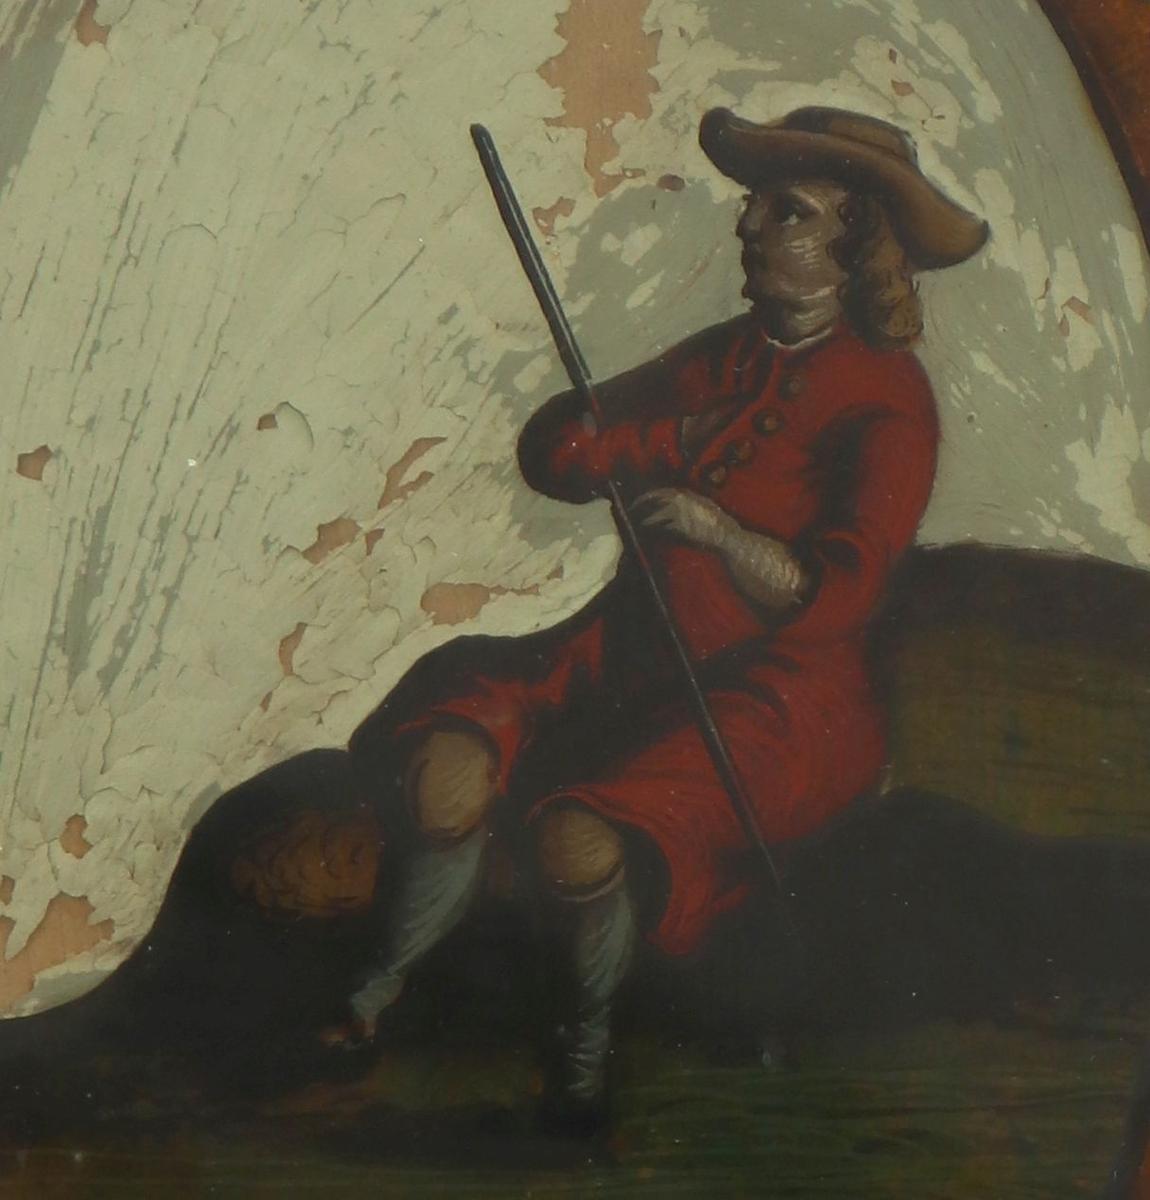 En mann i rød frakk, gule knebukser, lyseblå strøm per, sorte sko, har langt, krøllet, lysebrunt hår, vidbremmet, lavpullet (tresnutet?) hatt på hodet. Hyrde eller vandringsstav i armkroken, sitter på en sten i det grønne. Gråhvit bakgr.